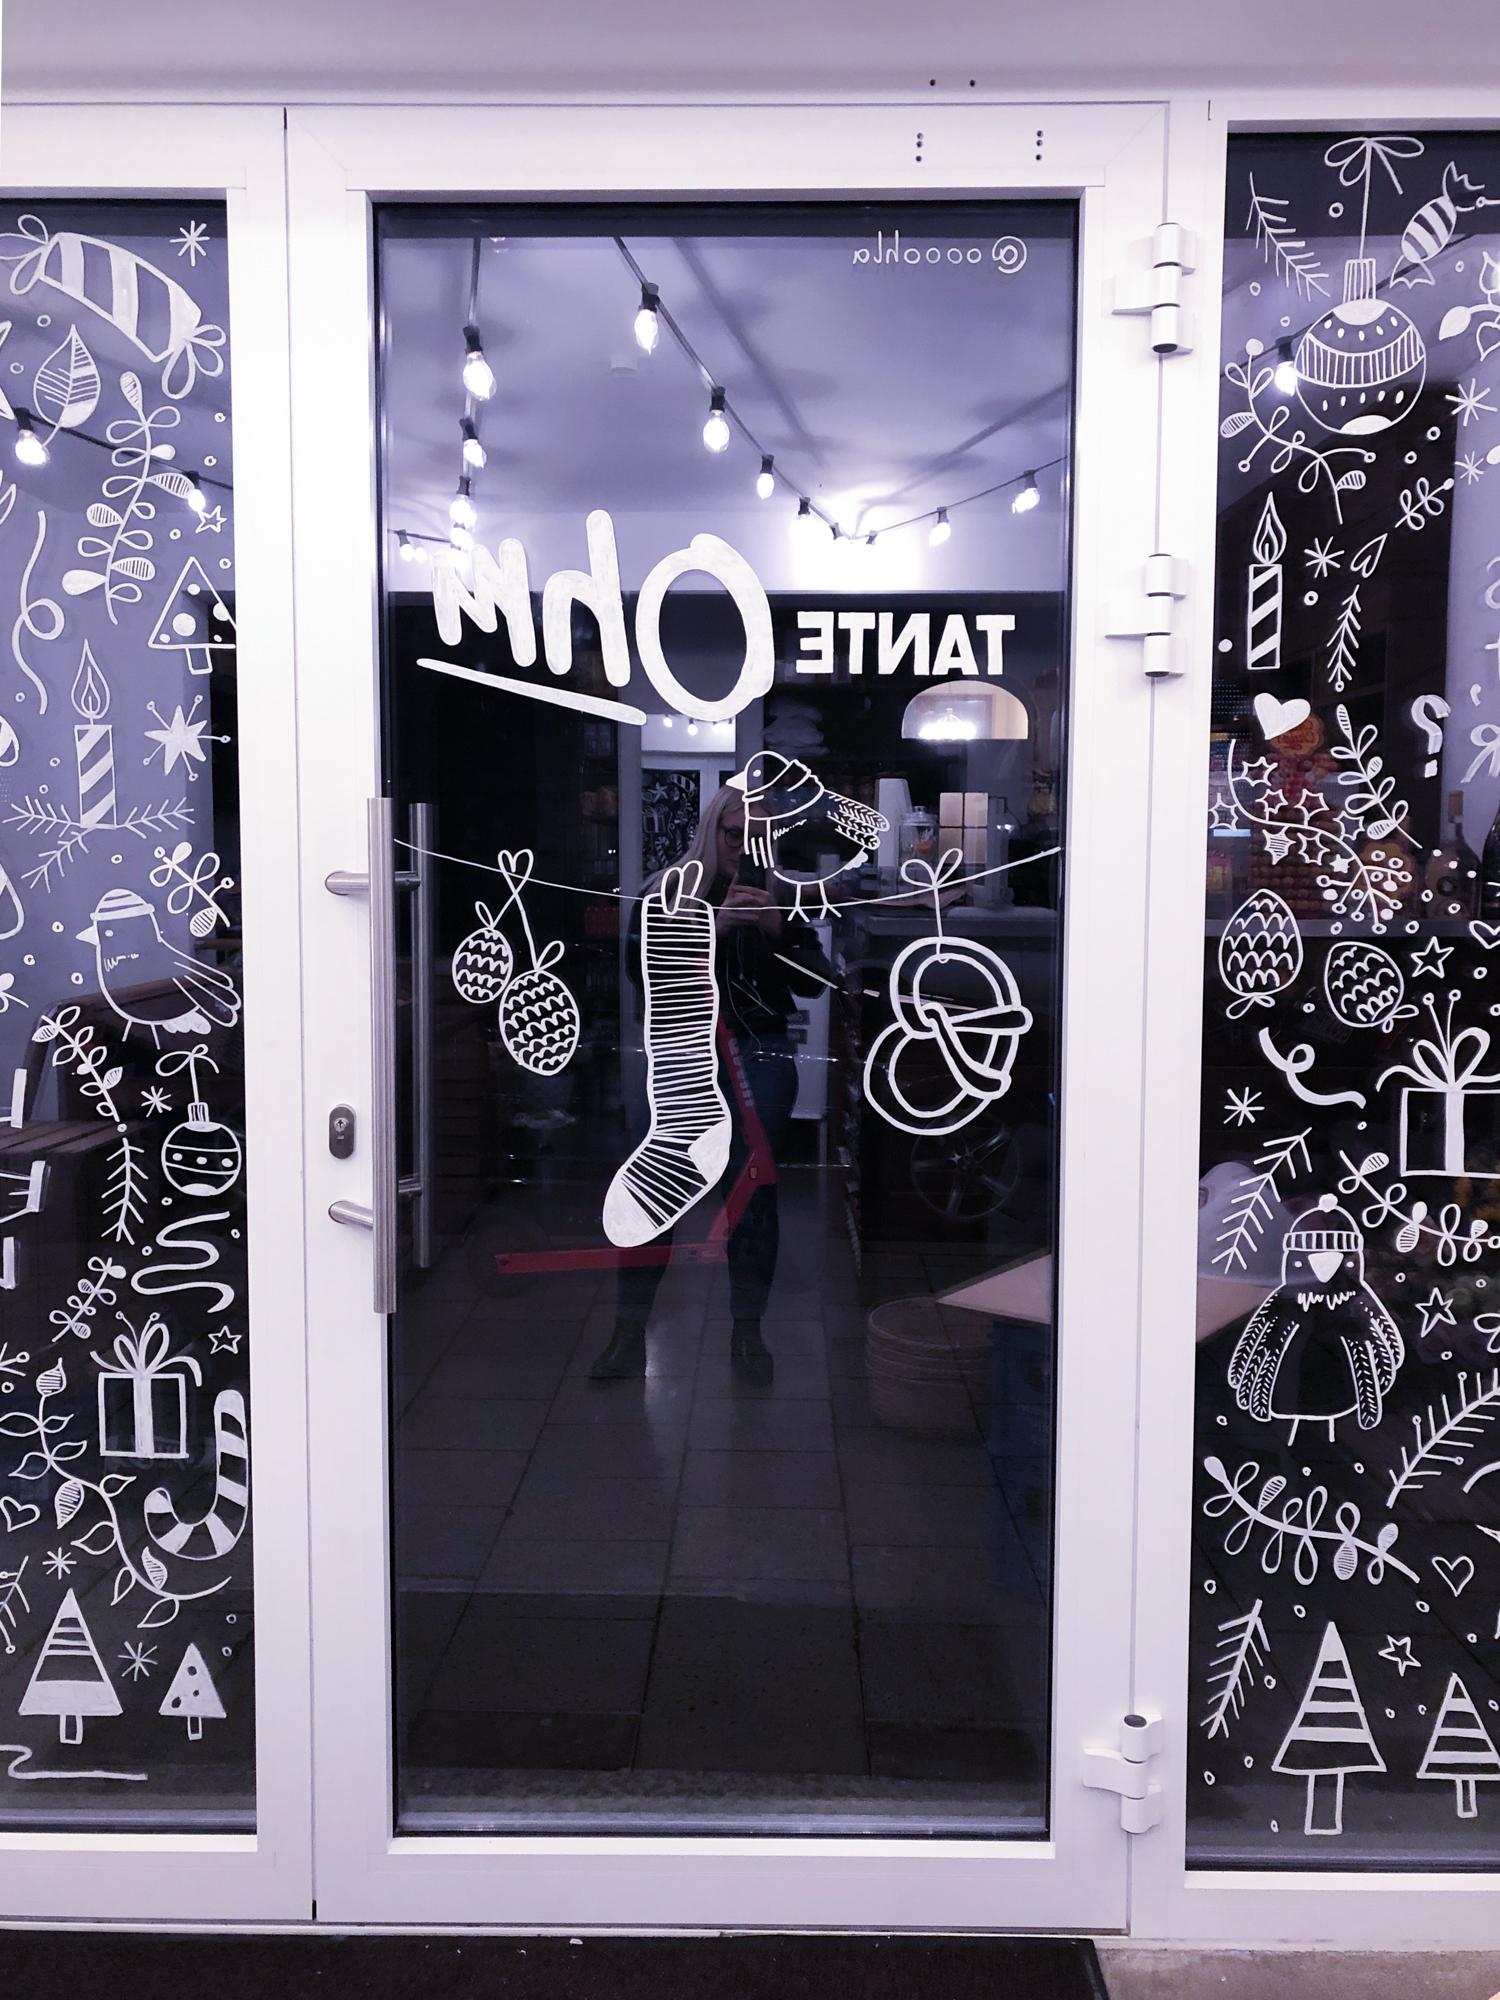 Auf der Eingangstür des Kiosks ist ein Vogel mit Schal auf einer Leine gemalt. An der Schnur hängen außerdem noch Tannenzapfen und eine Breze.